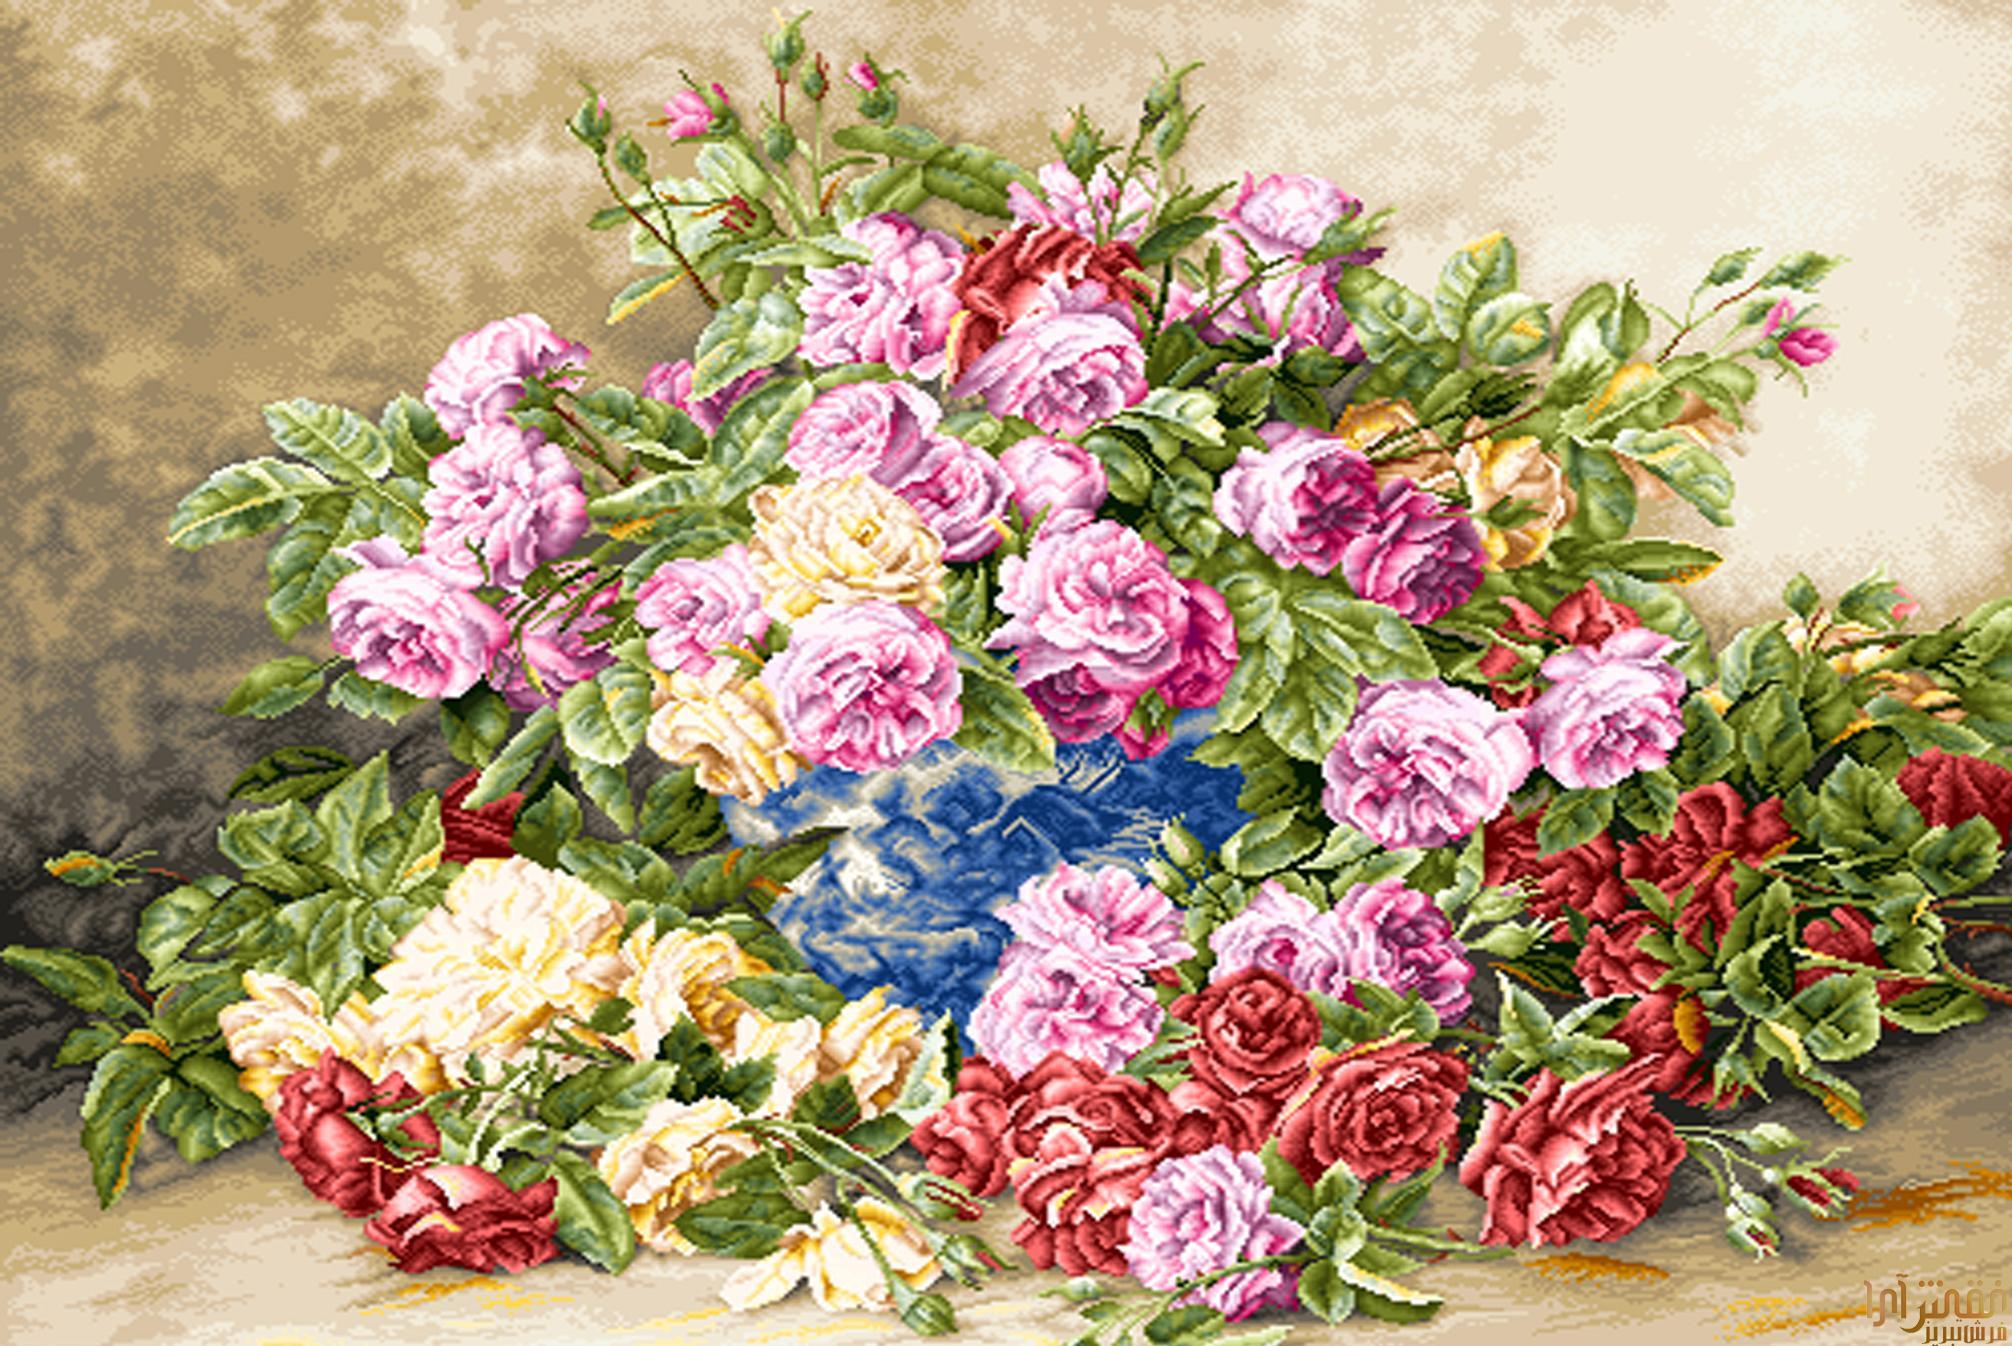 نام طرح : گل و گلدان - كد D309